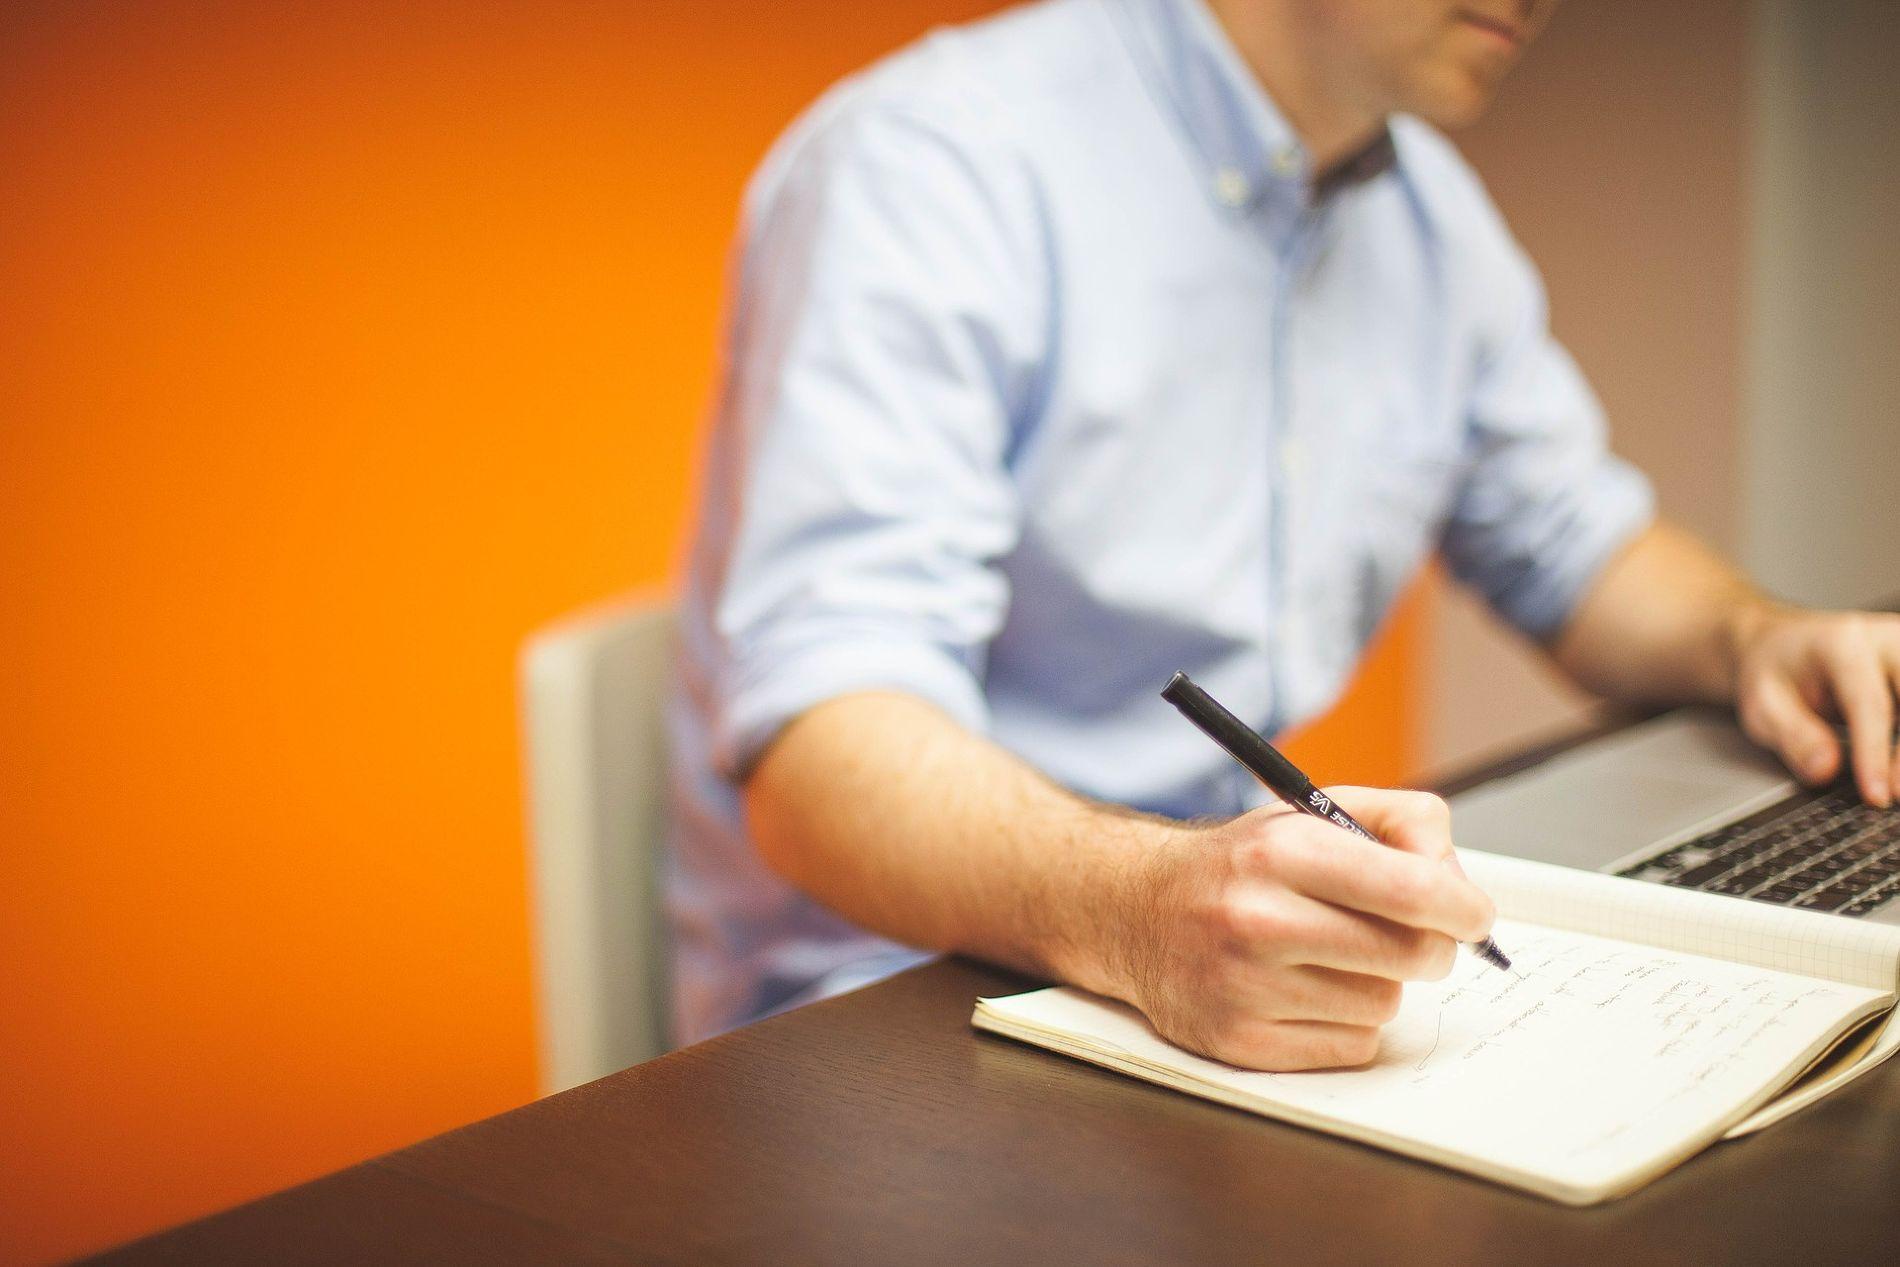 ВРФ установили долю иностранных работников вотдельных финансовых сферах